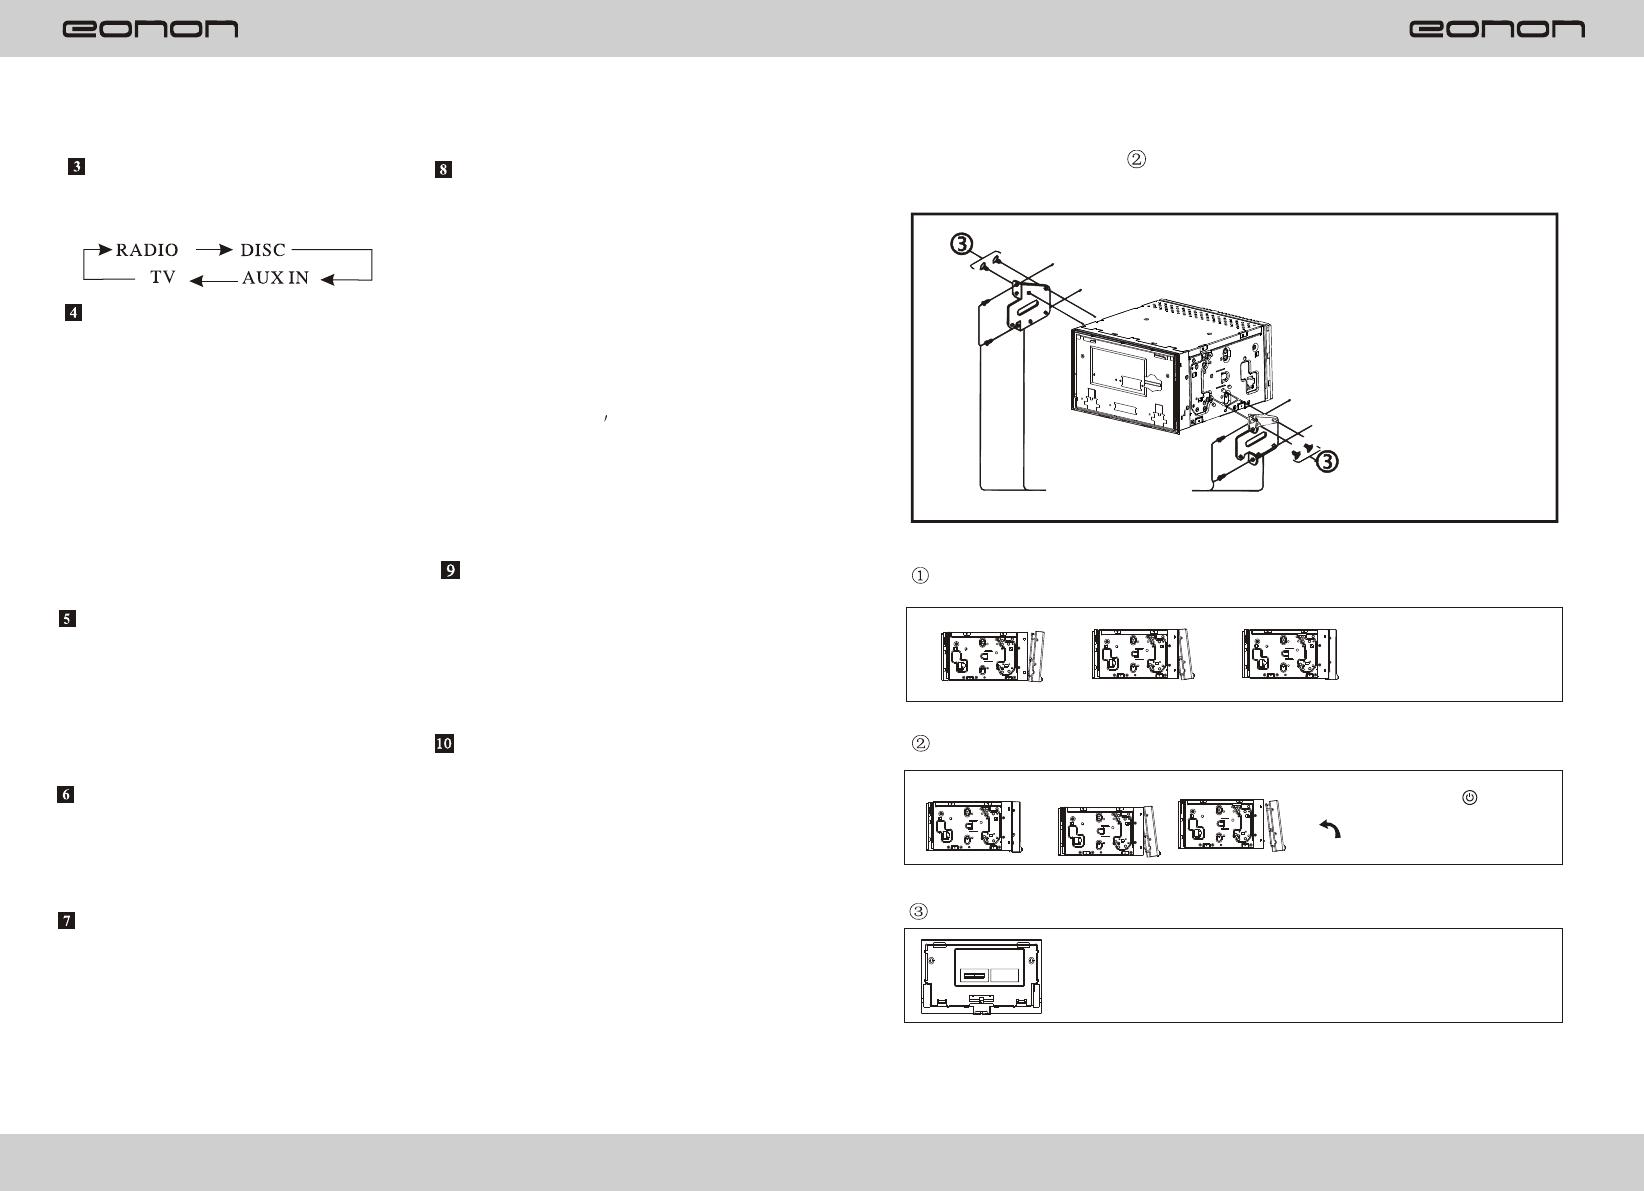 Bedienungsanleitung Eonon G2201 Seite 1 Von 20 Englisch Wiring Diagram Panel Illustration